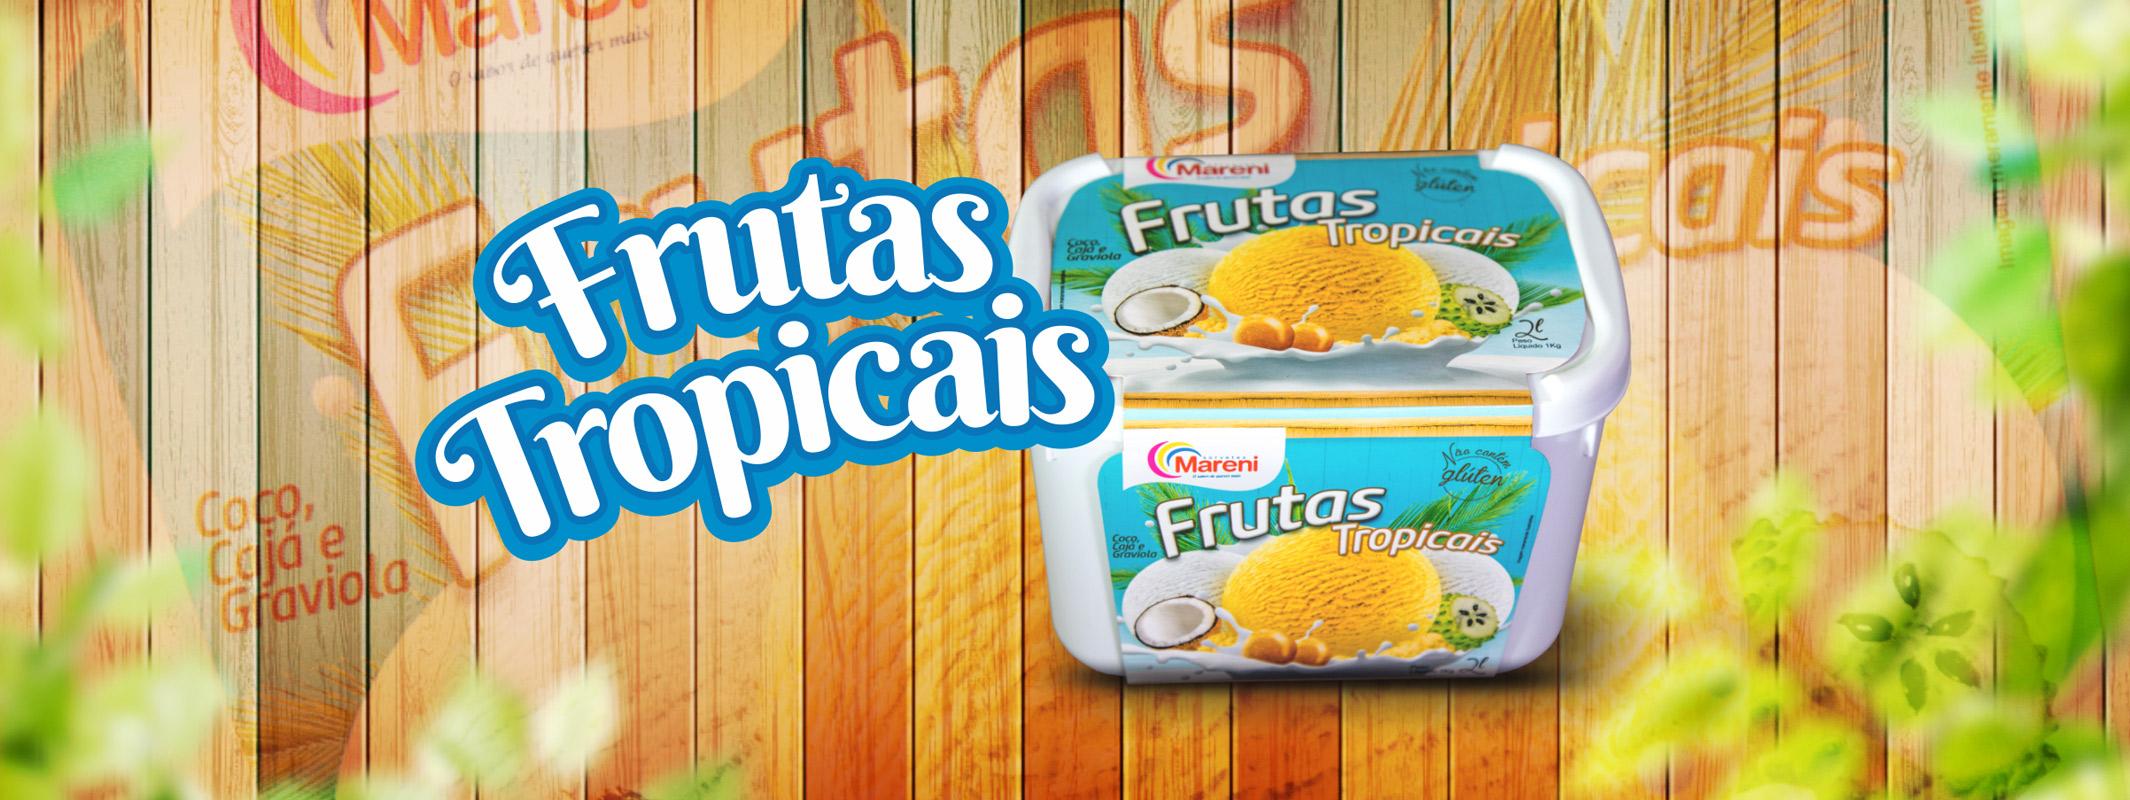 frutas-tropicais-mareni